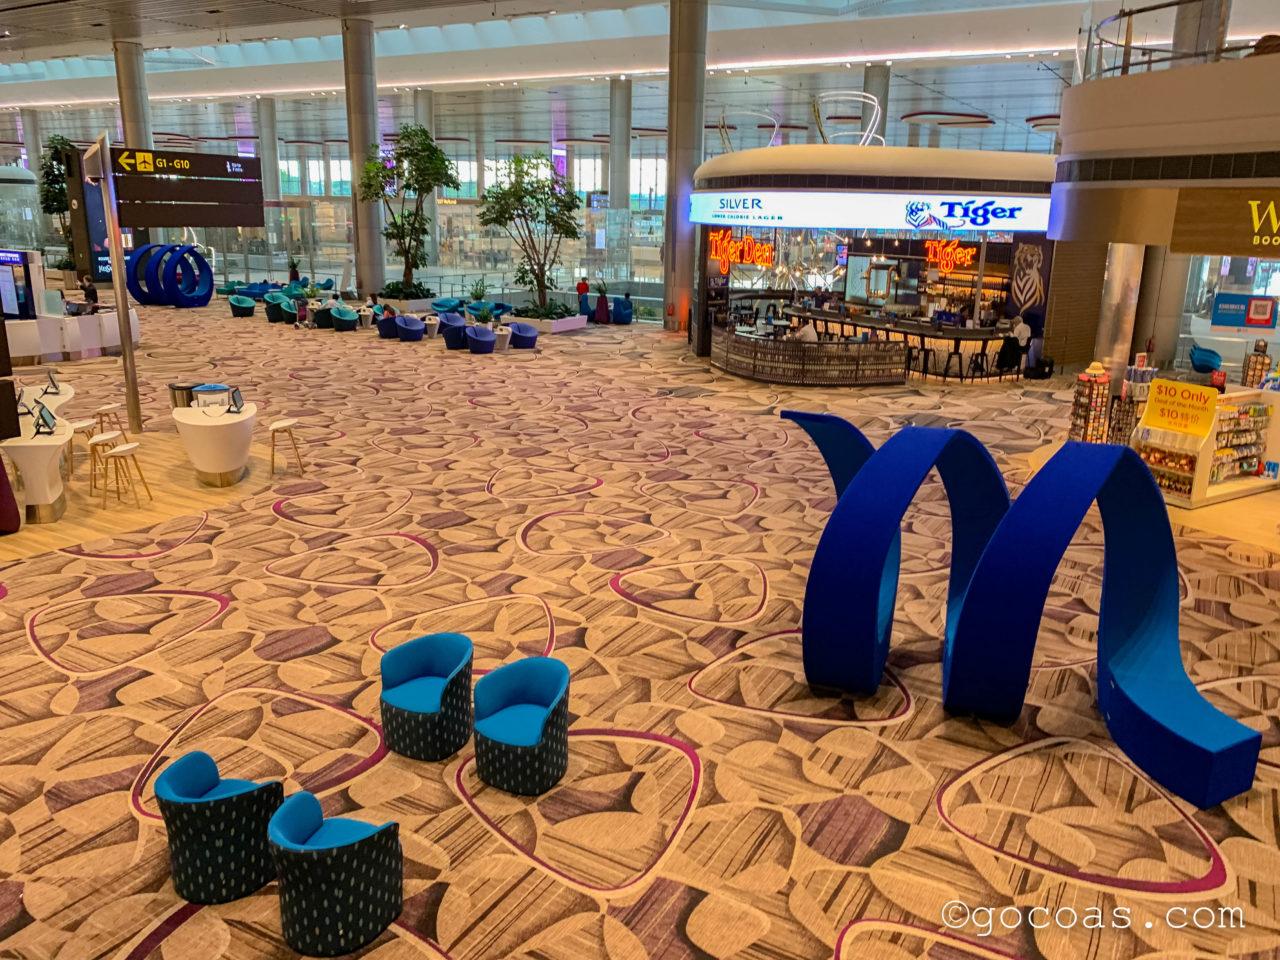 シンガポール・チャンギ国際空港の搭乗エリアに並ぶ椅子